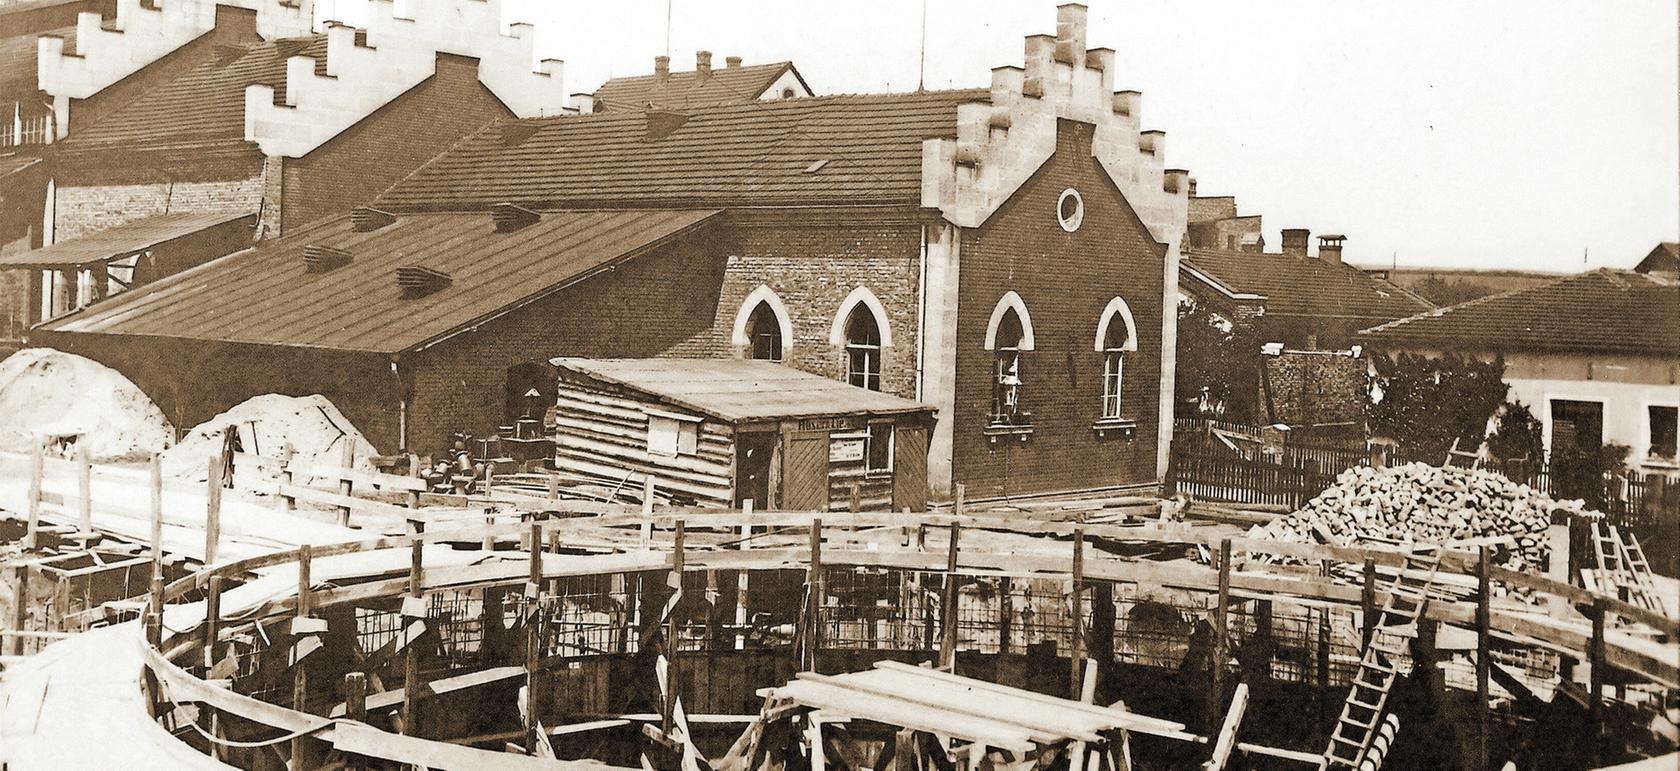 Das Schwabacher Gaswerk wurde 1864 in der Nördlichen Ringstraße eingeweiht. 1899 wurde es erweitert. Zu dieser Zeit entstanden zwei Gasbehälter, die 1974 abgerissen wurden.